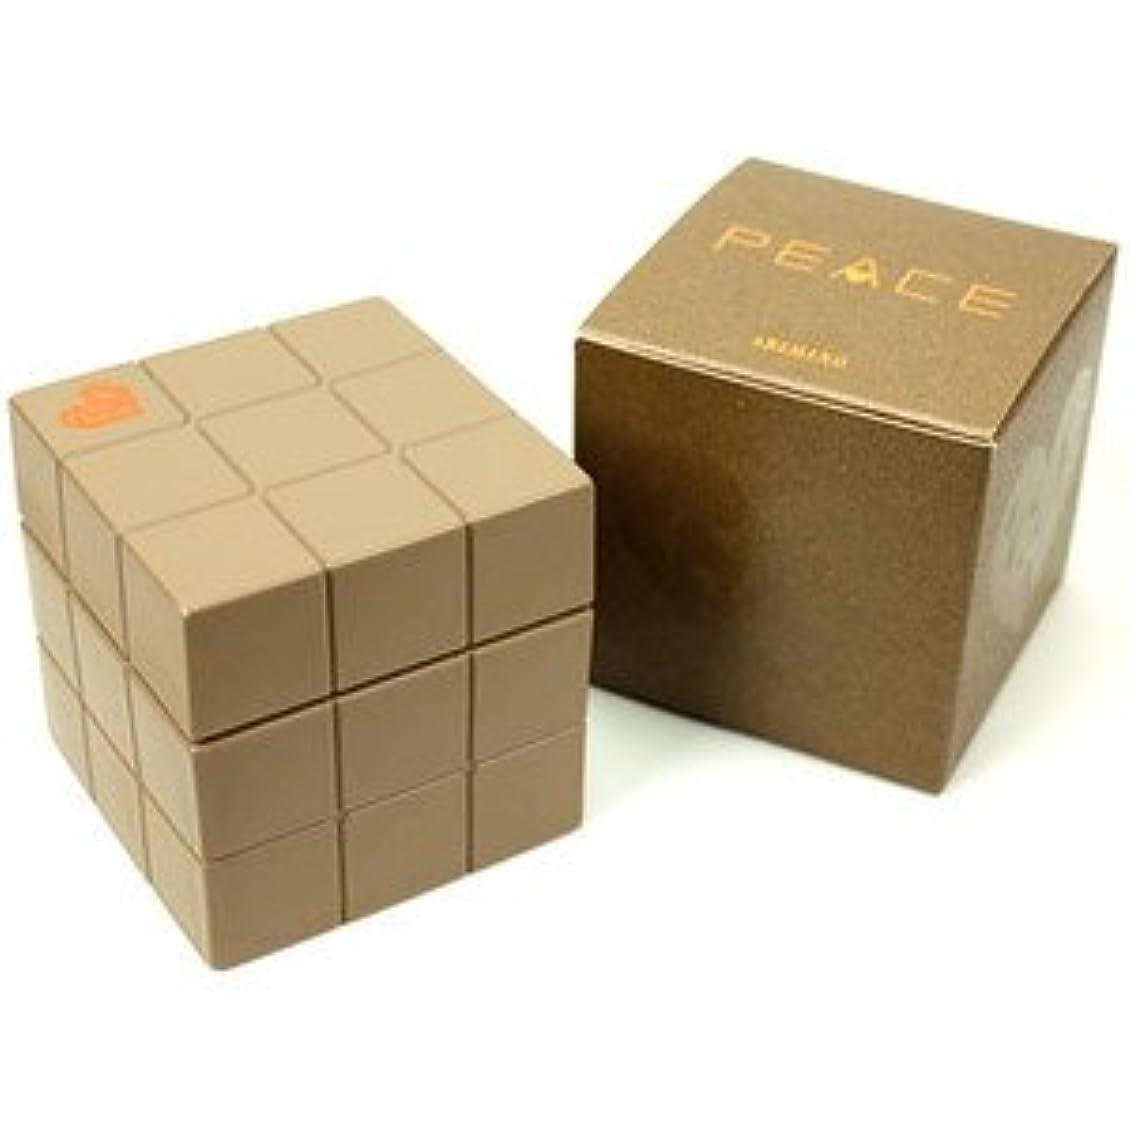 バラエティ然とした信頼性アリミノ ピース ソフト wax (カフェオレ) 80g